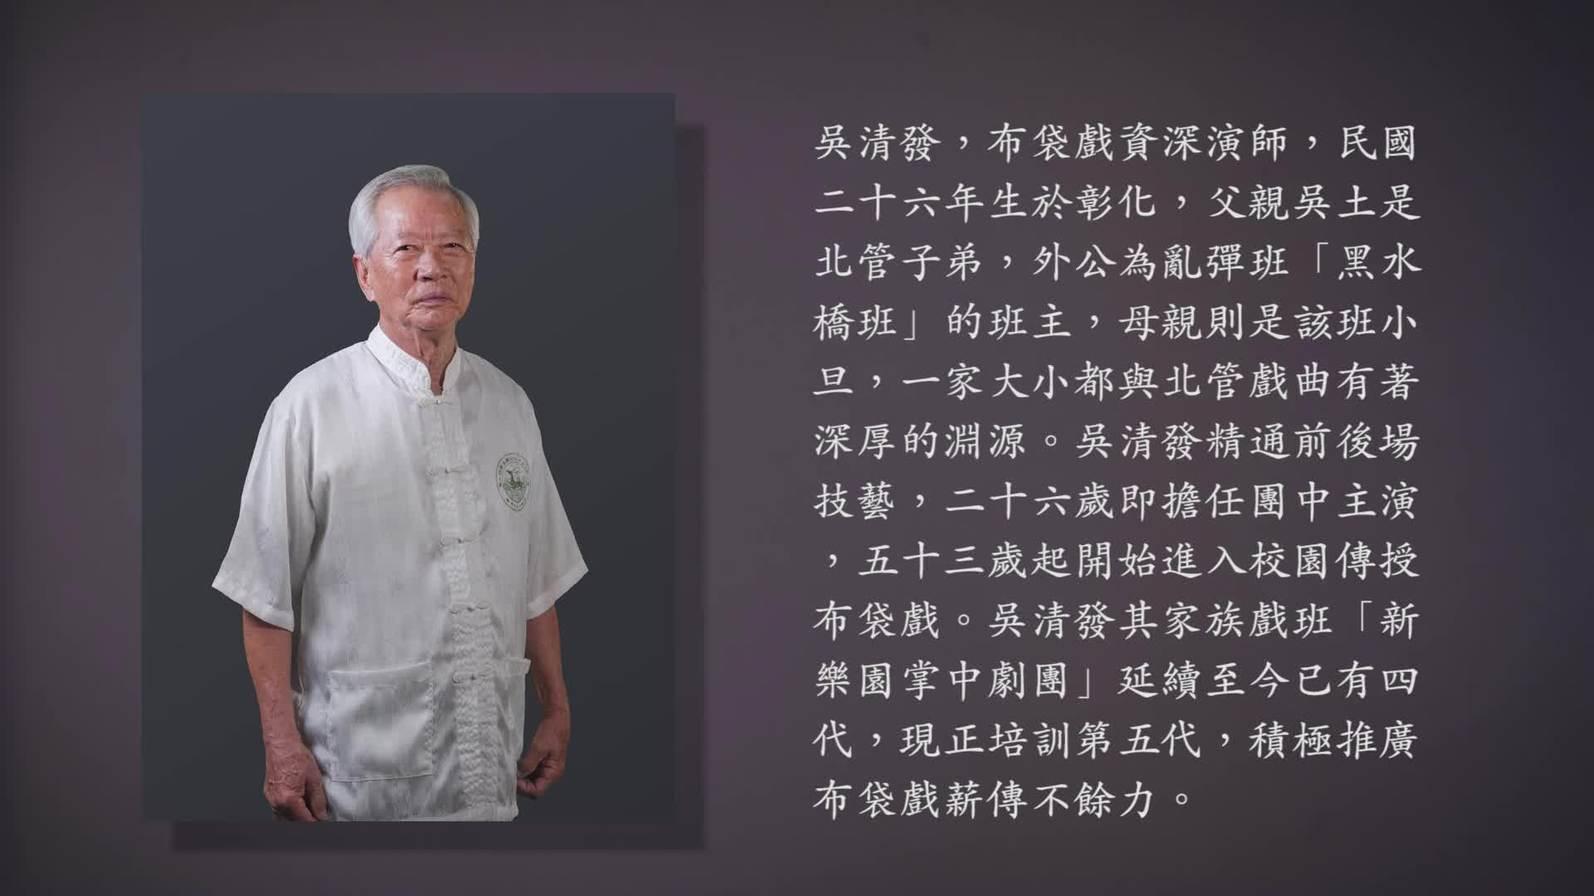 技藝.記憶-傳統藝術藝人口述歷史影像紀錄計畫-吳清發精華片段